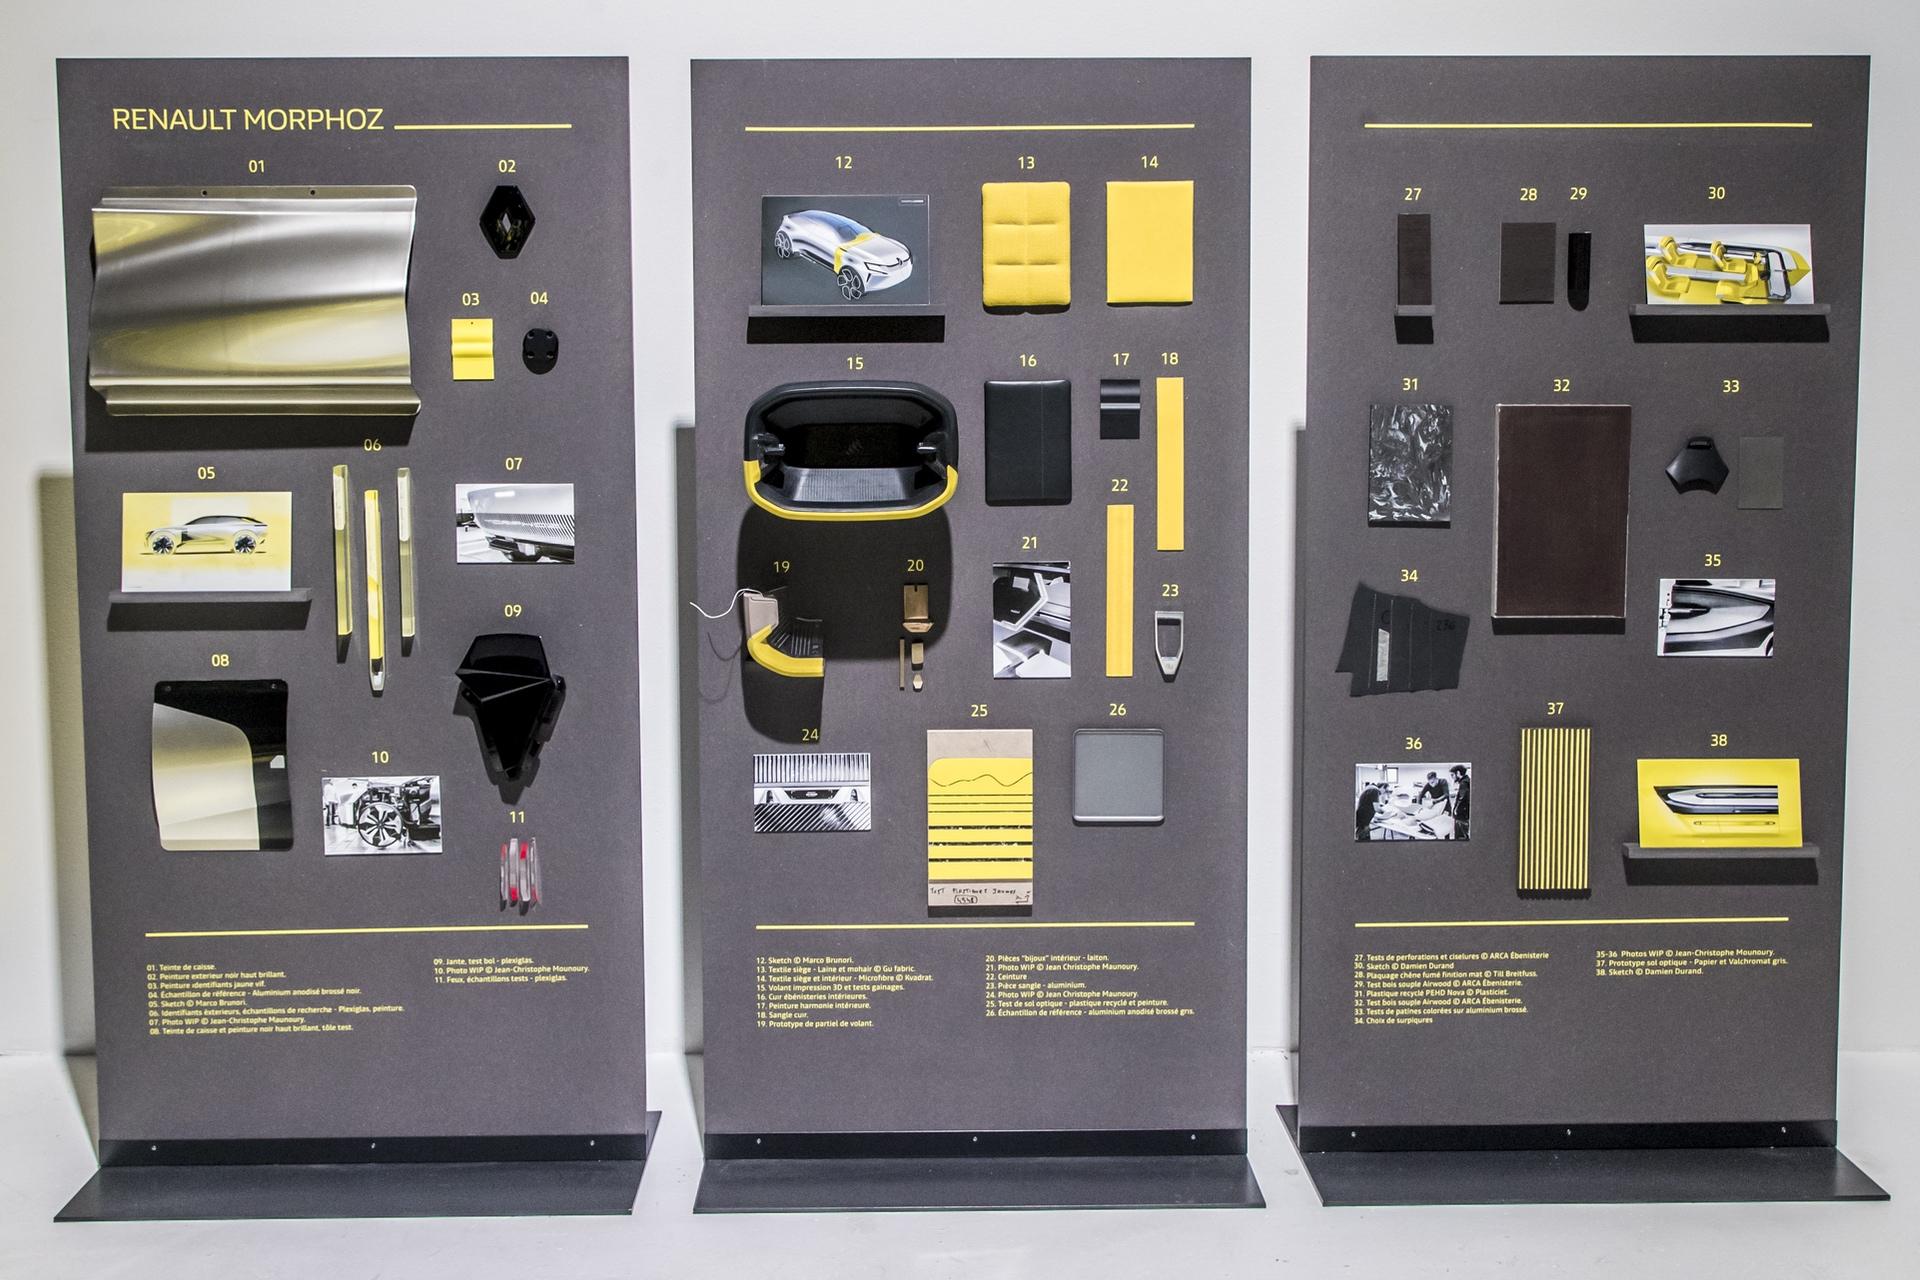 Renault_Morphoz_concept_0158